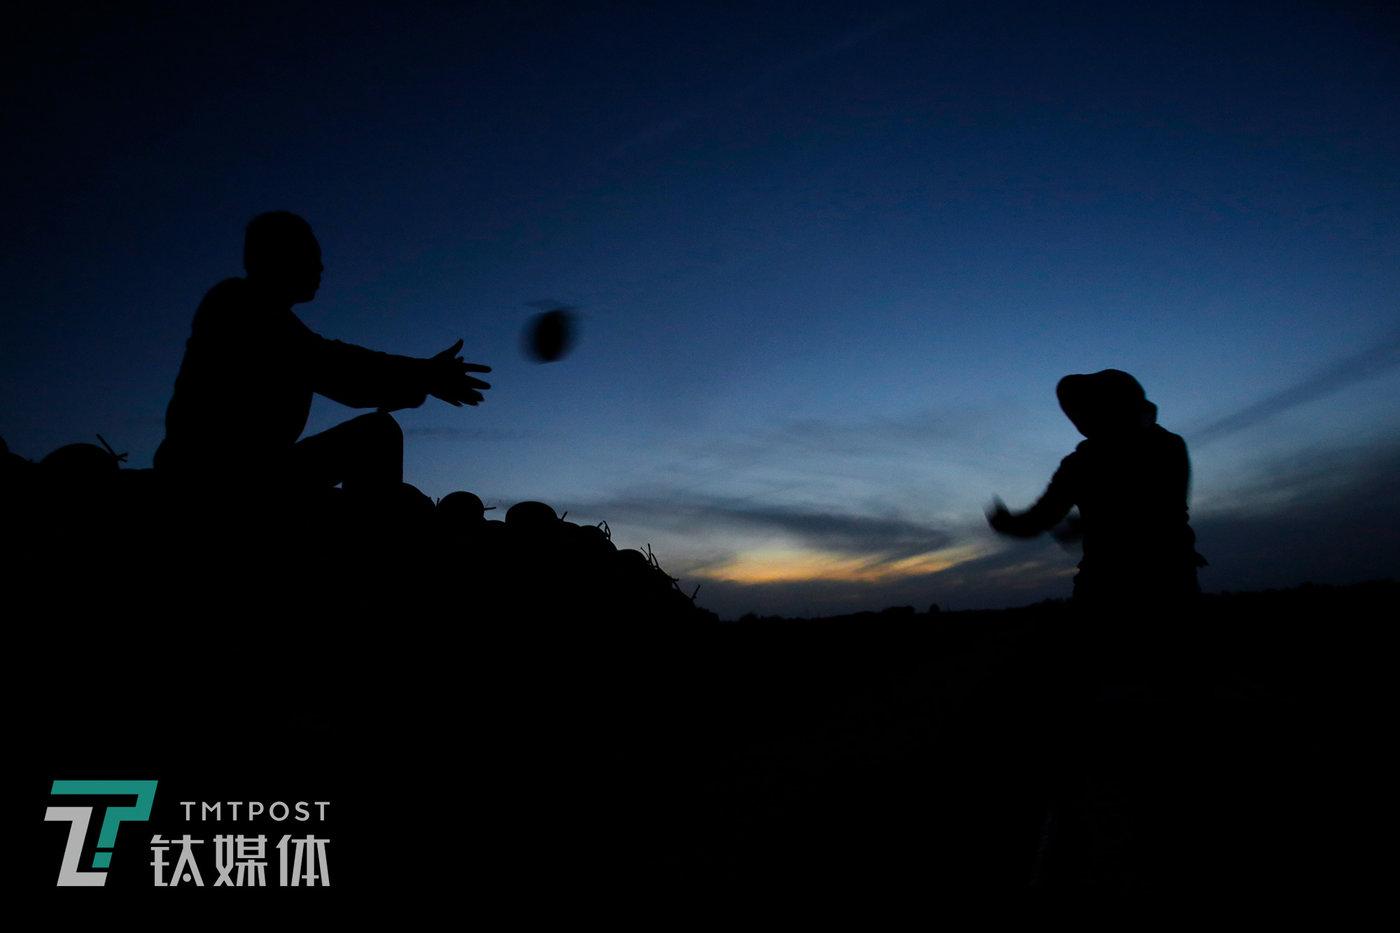 8月17日20:28,附智村,最后一缕夕阳下,薛志明夫妇俩在地里装瓜。